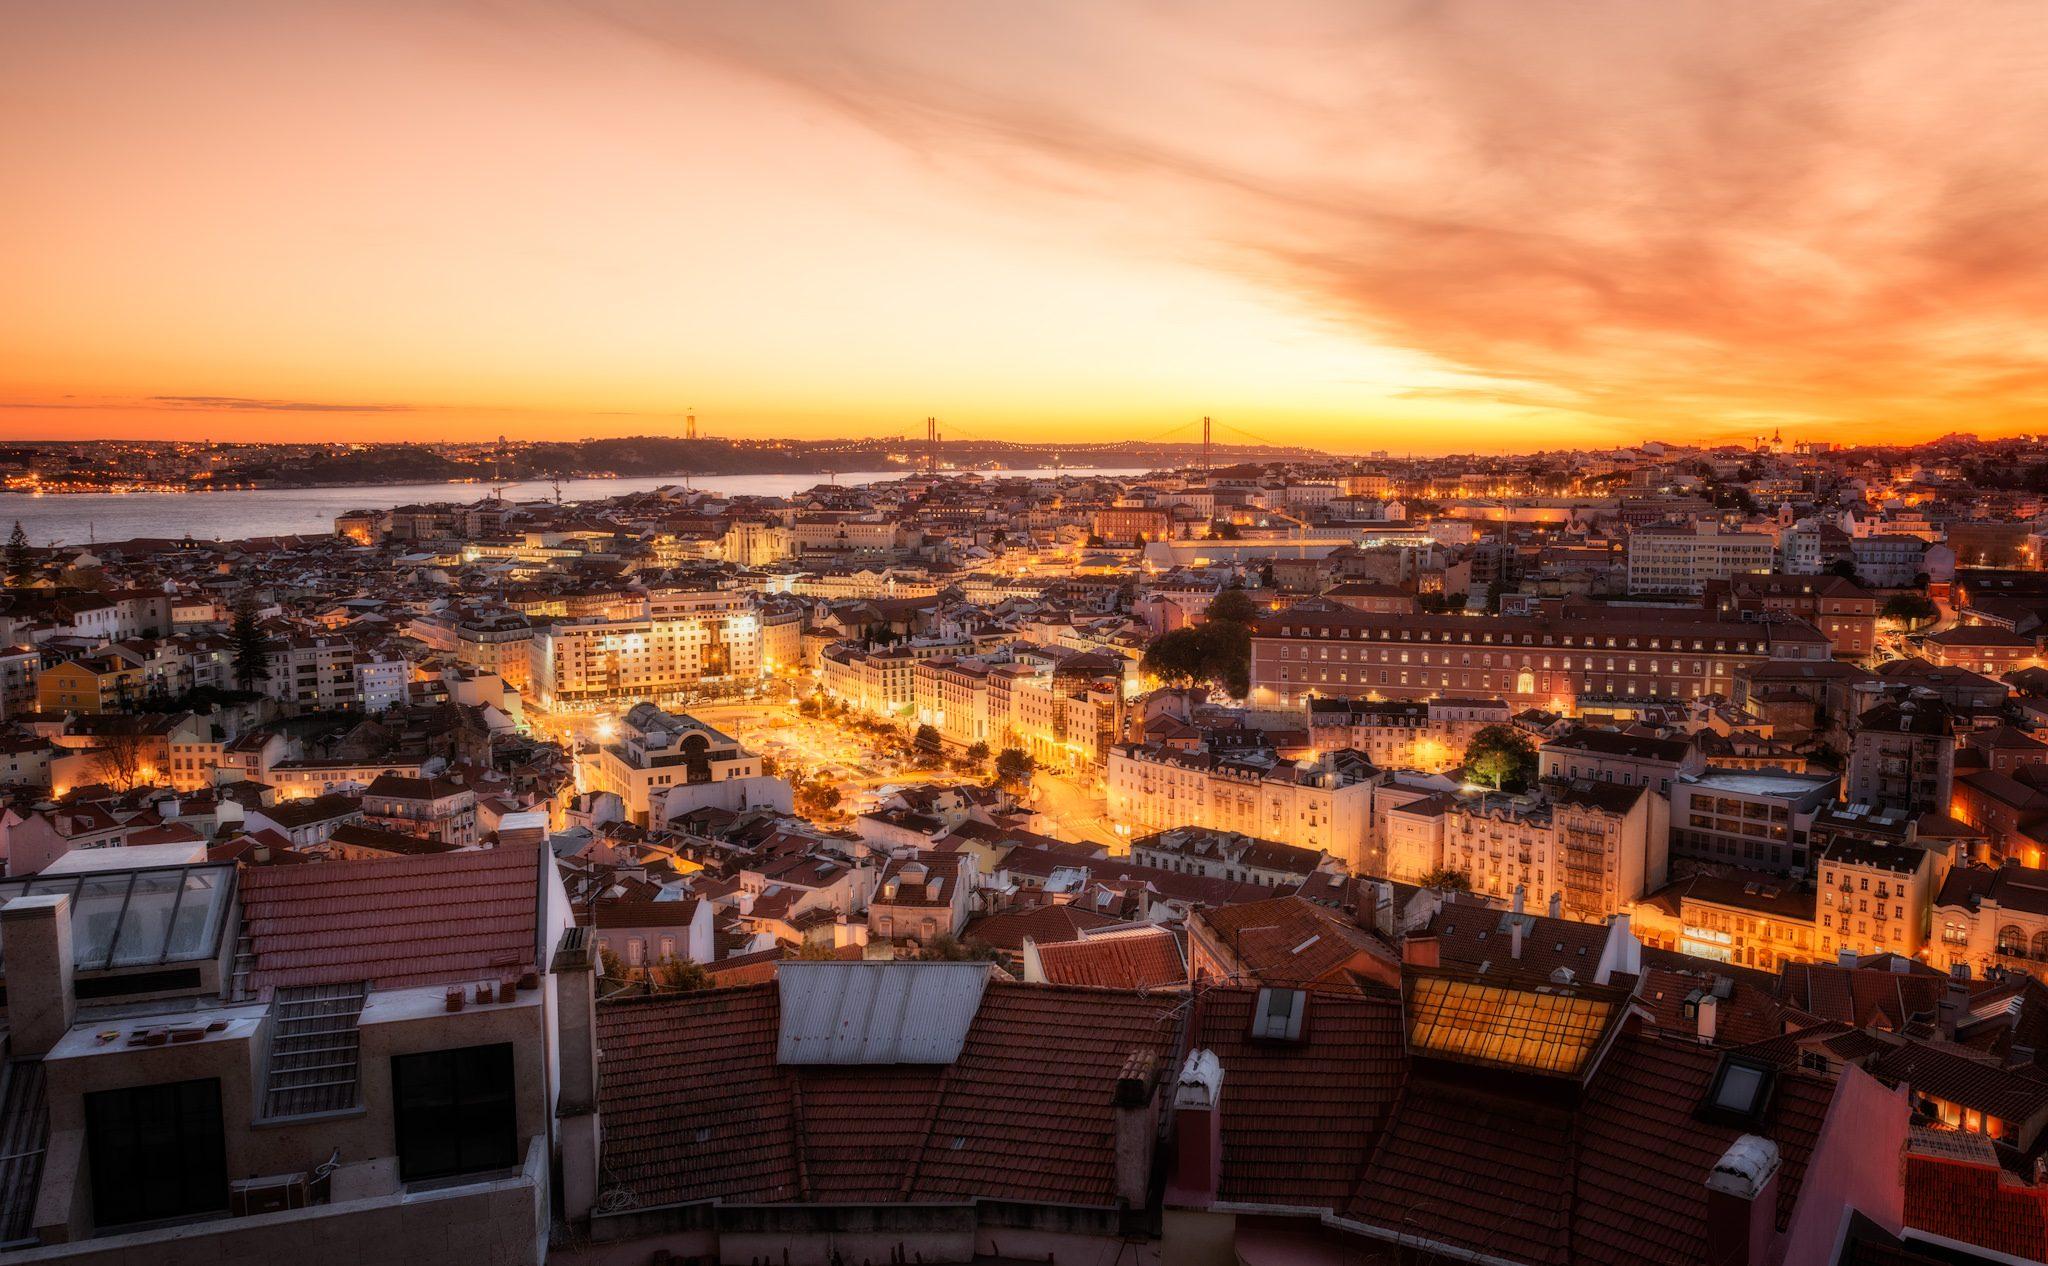 Blick auf Lissabon mit Sonnenuntergang bis nach Avenidas Novas; Portugal.